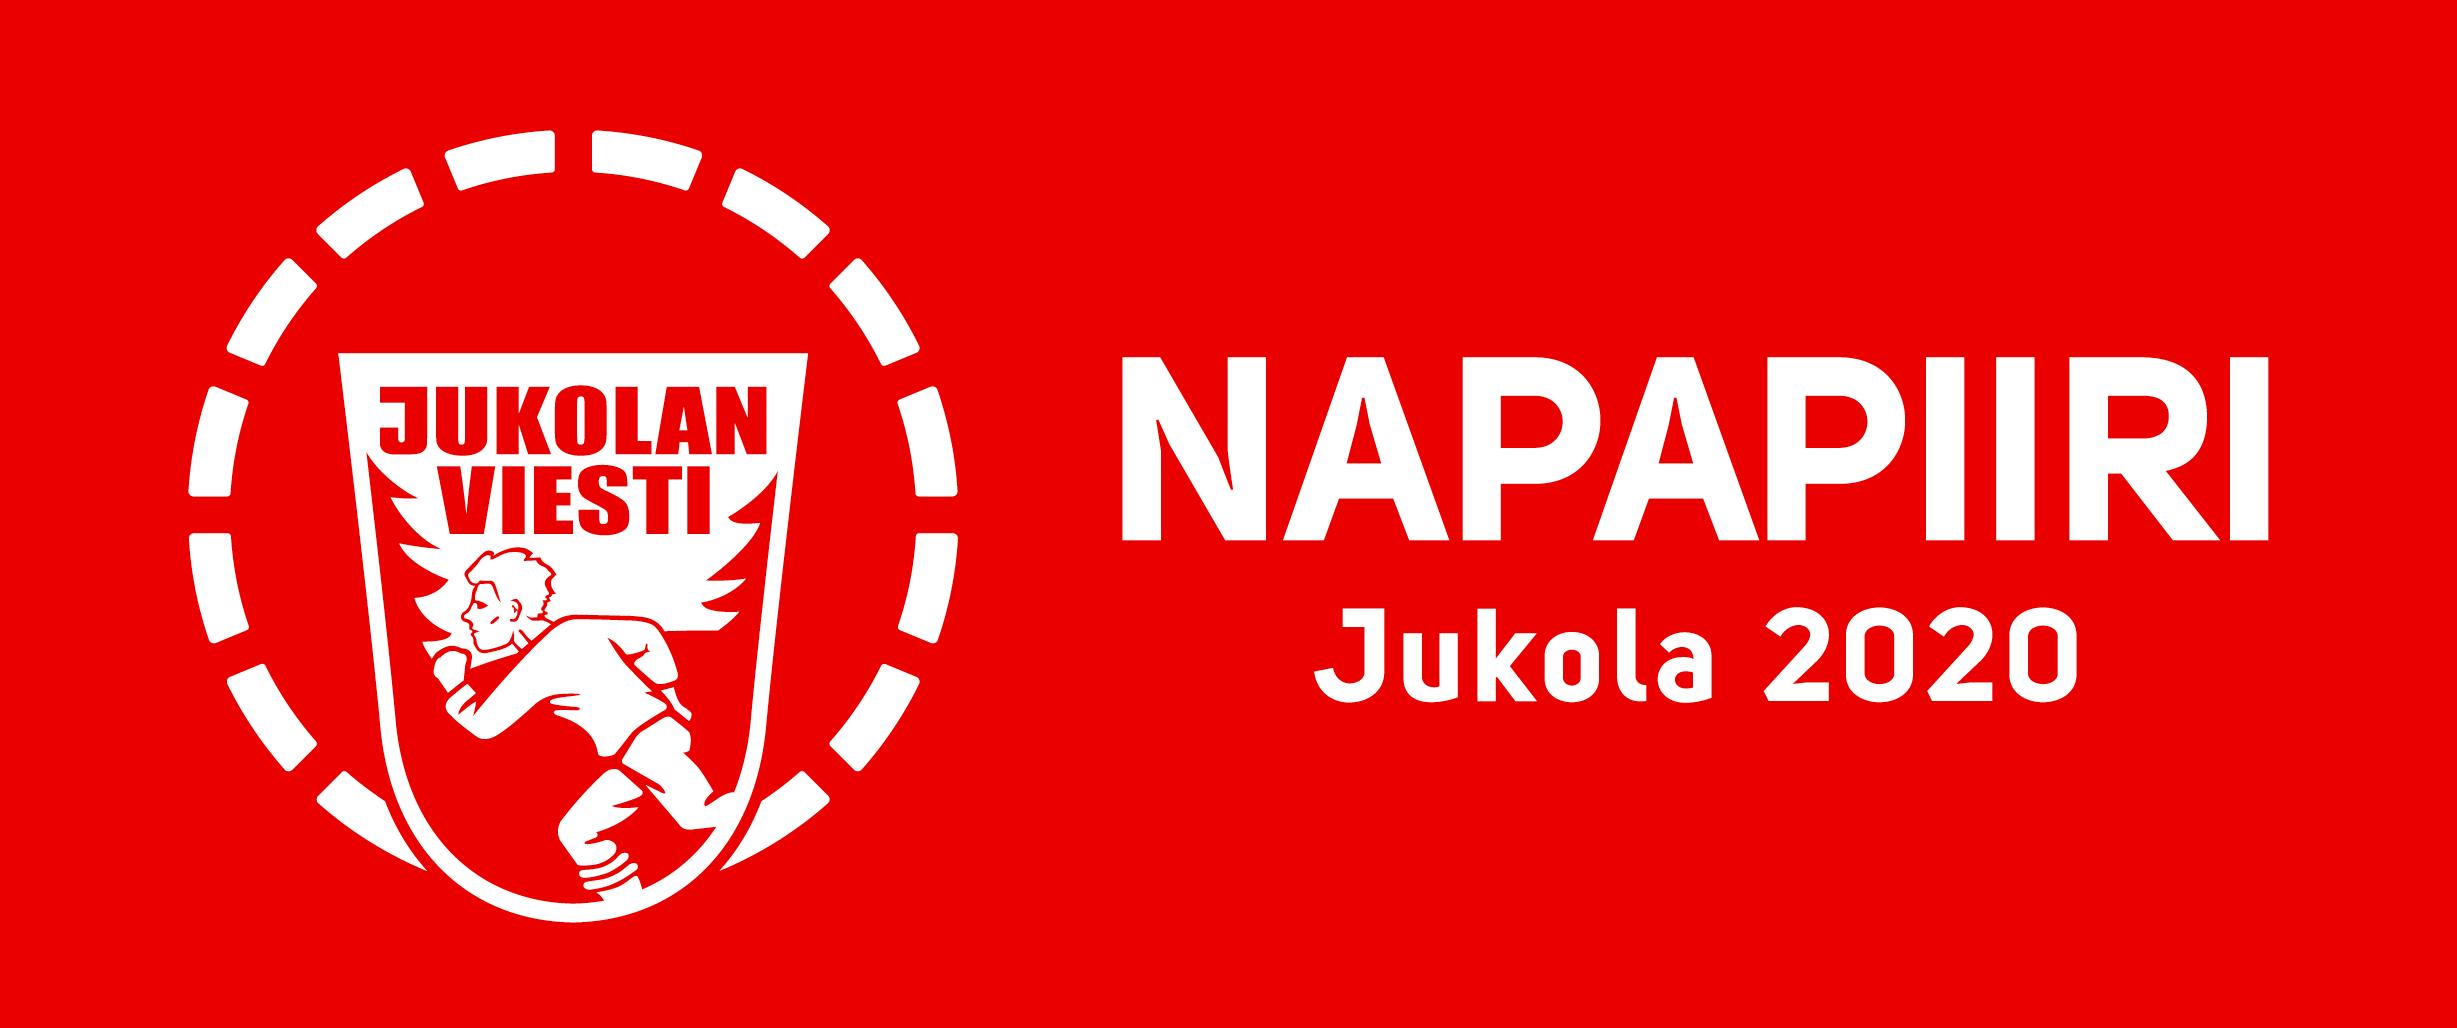 Napapiiri-Jukola_vaaka_RGB